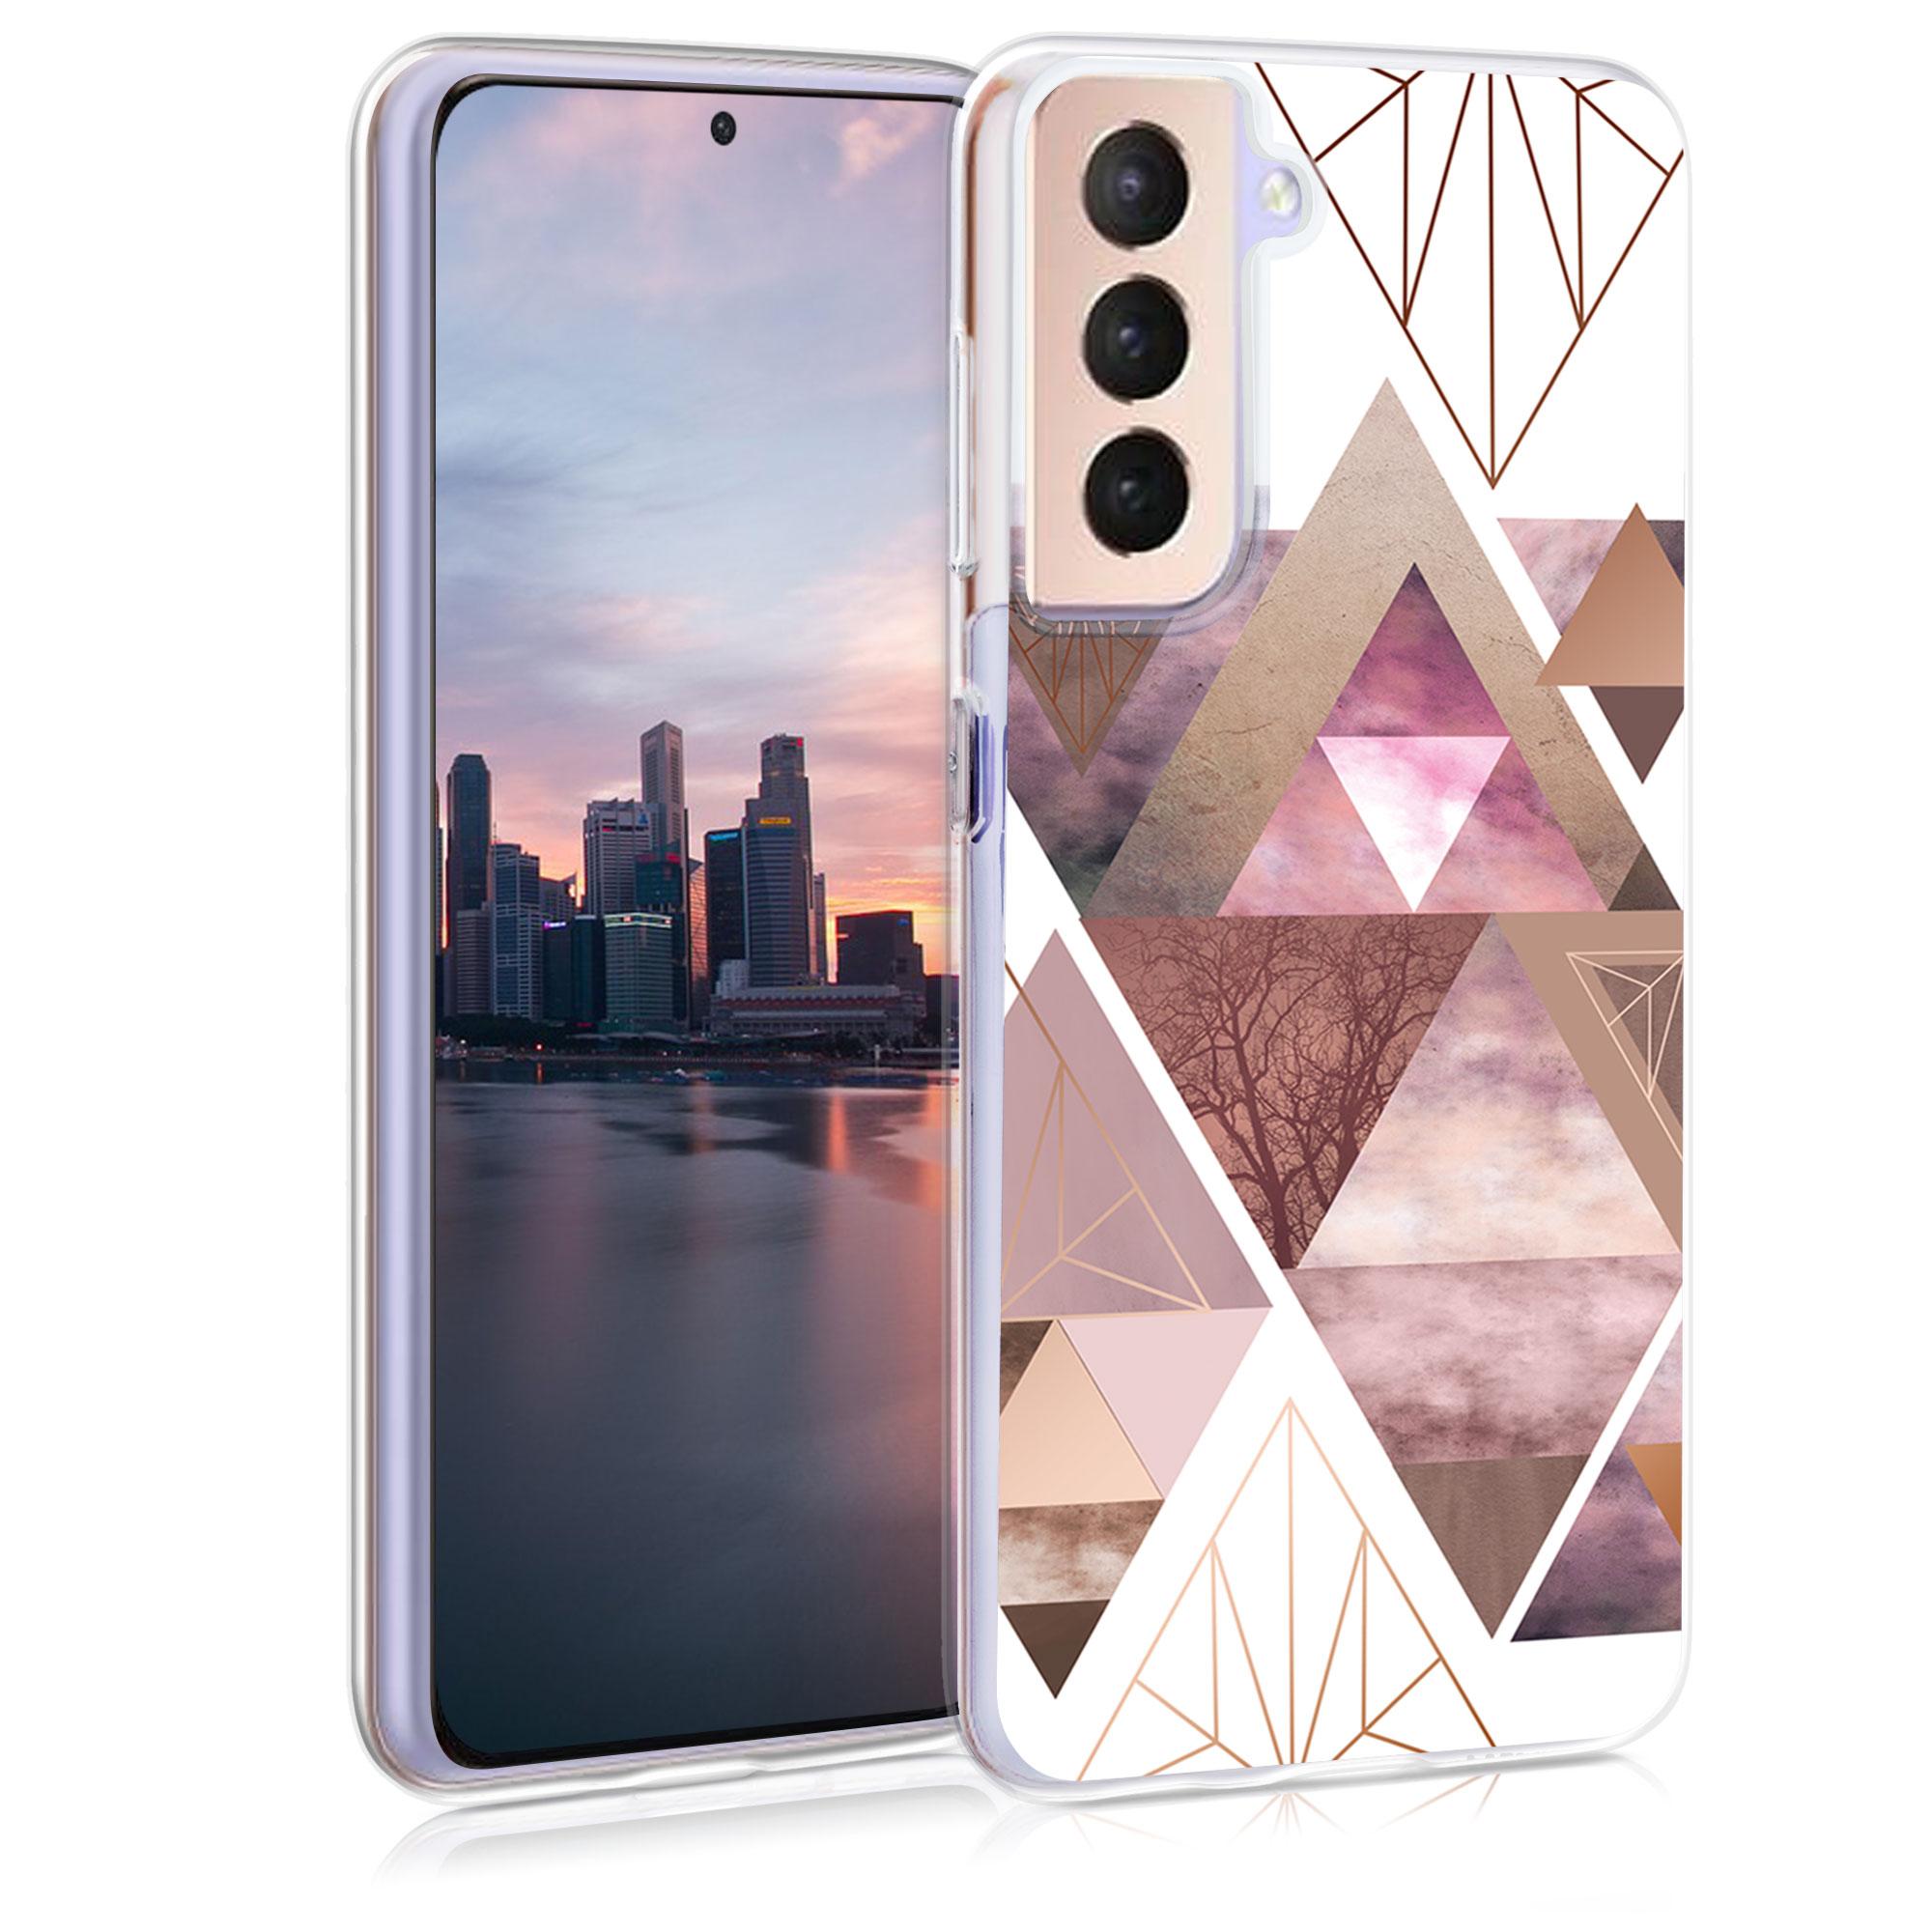 Kvalitní silikonové TPU pouzdro pro Samsung S21 - Patchwork trojúhelníky světle růžové / starorůžové rosegold / bílé